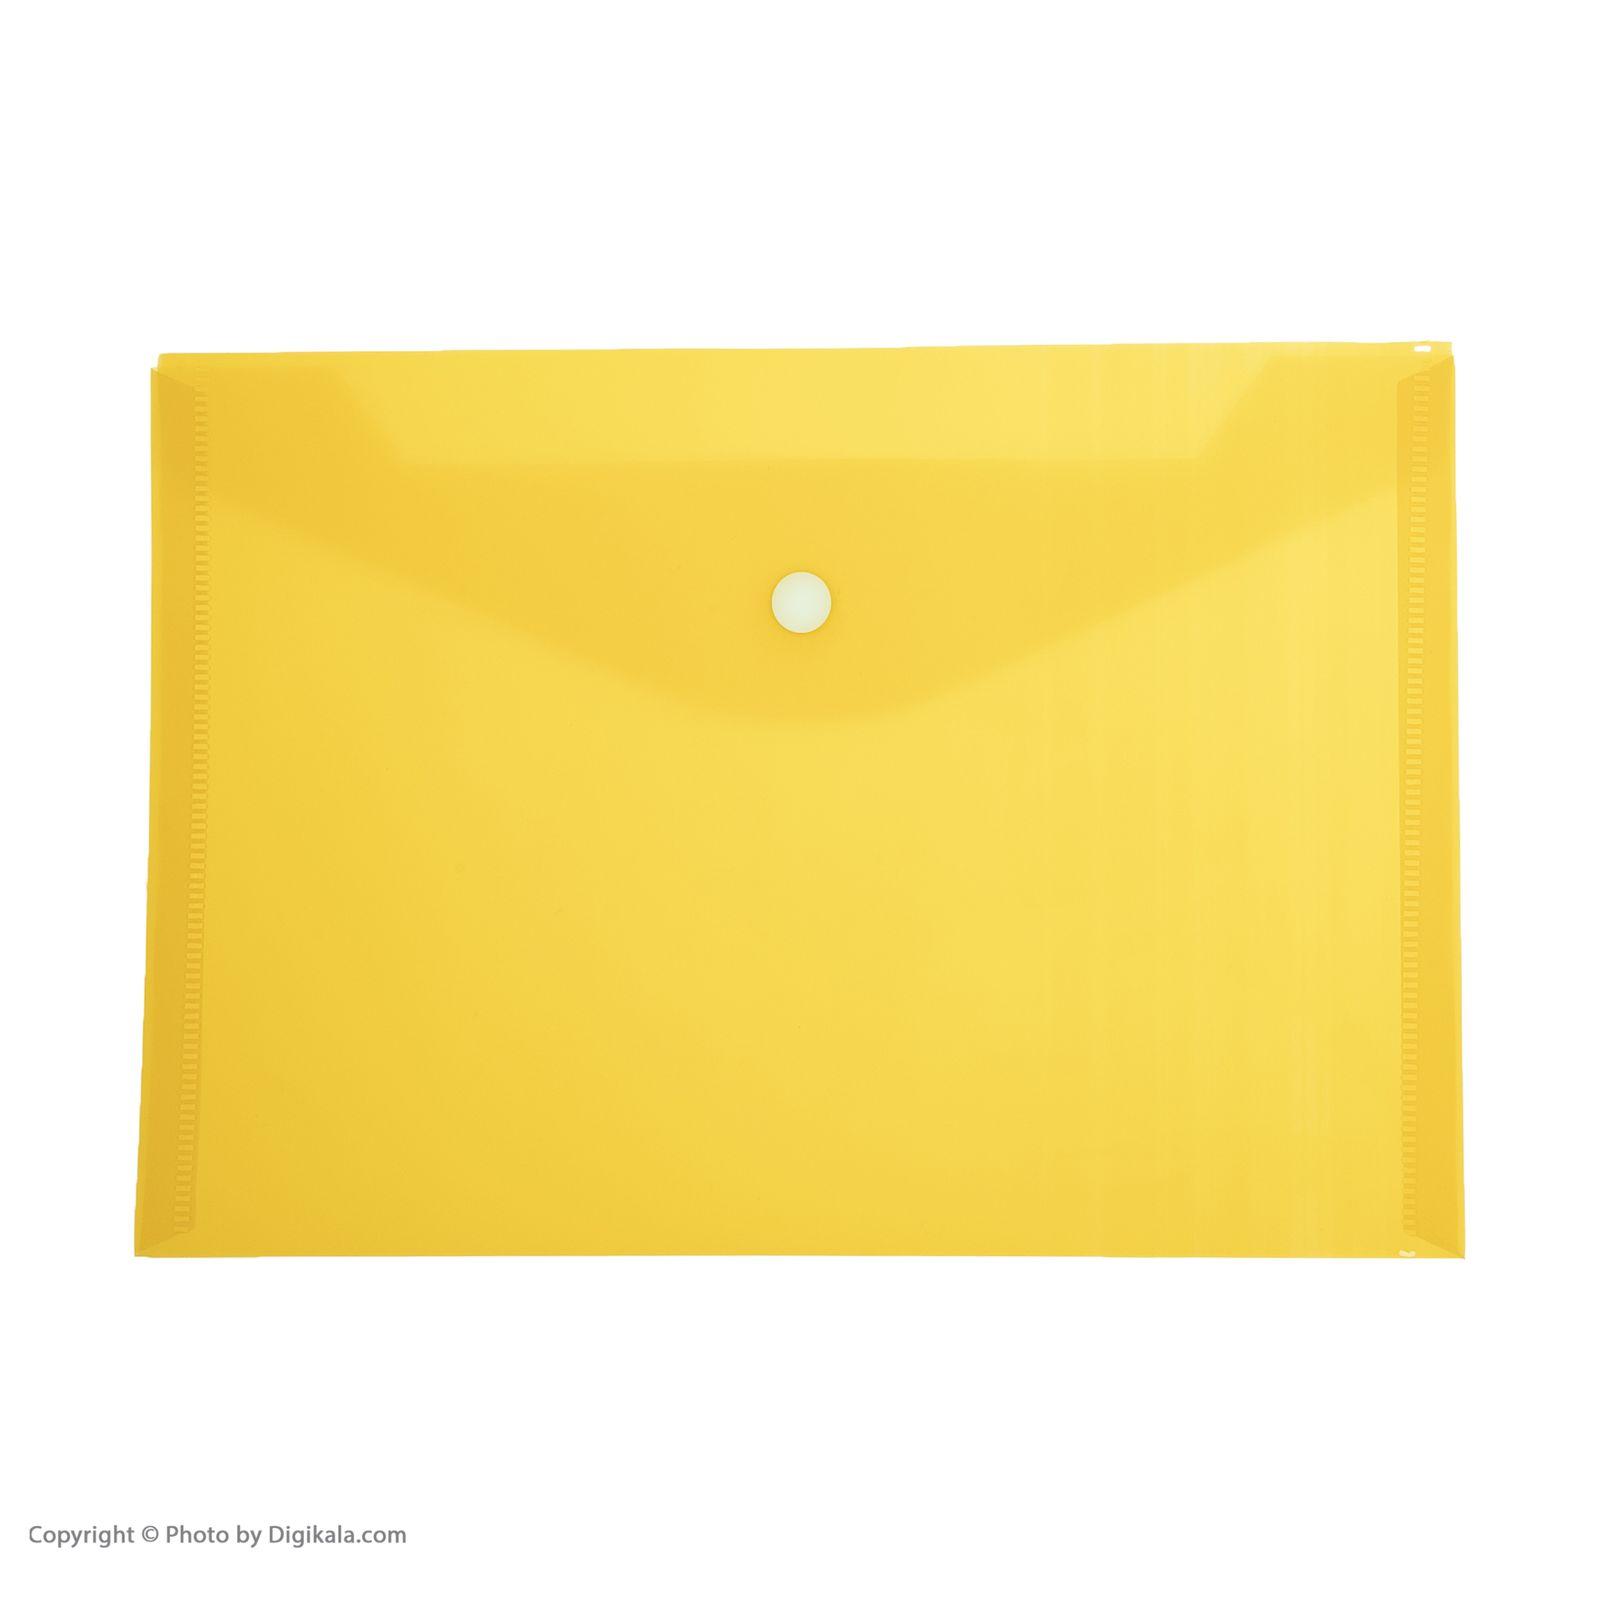 پوشه دکمه دار فوسکا سایز A5 بسته 10 عددی main 1 10